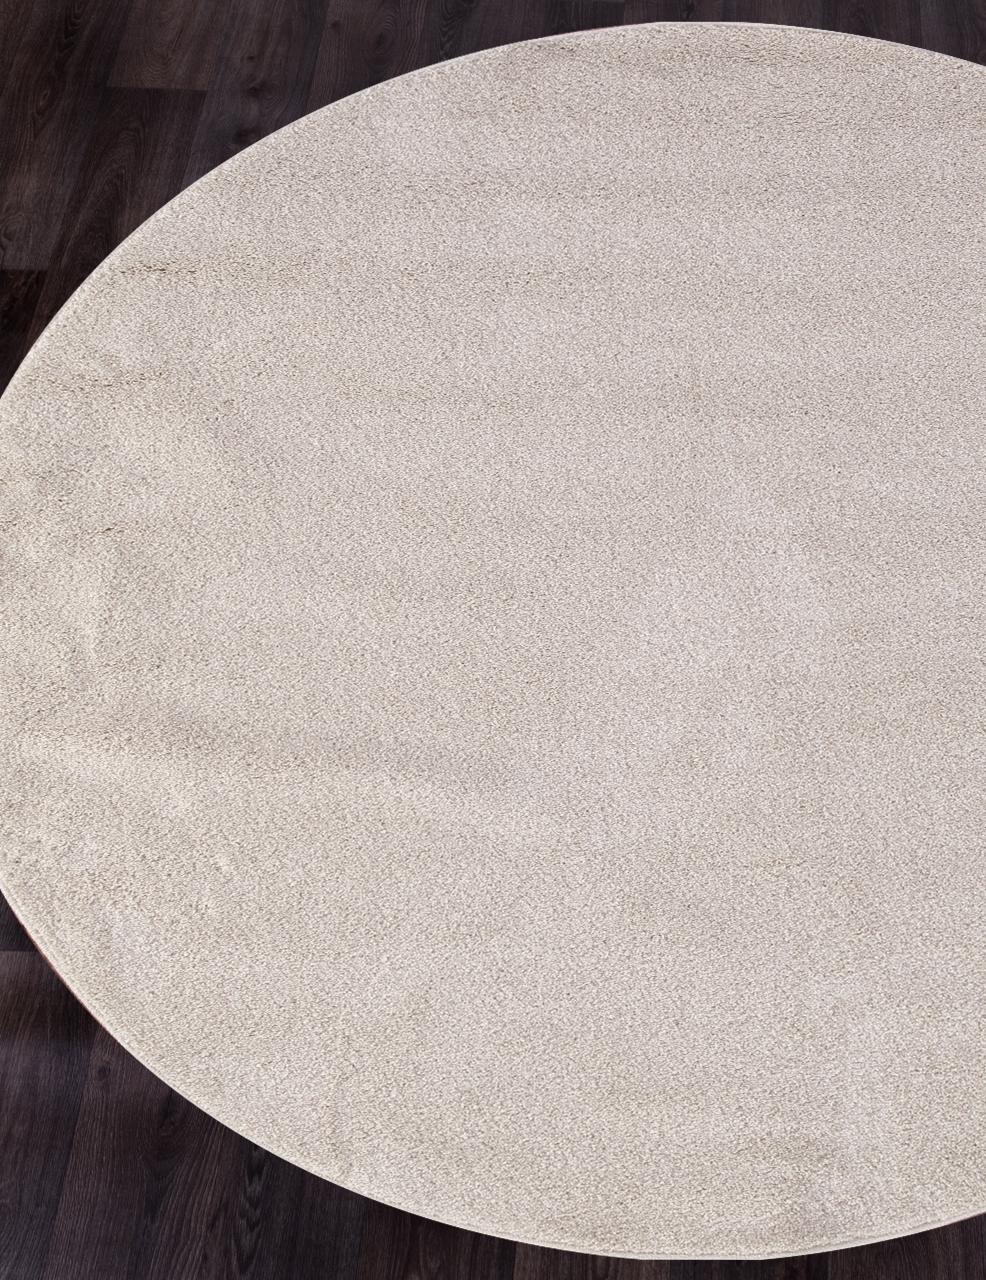 Ковер t600 - CREAM - Круг - коллекция PLATINUM